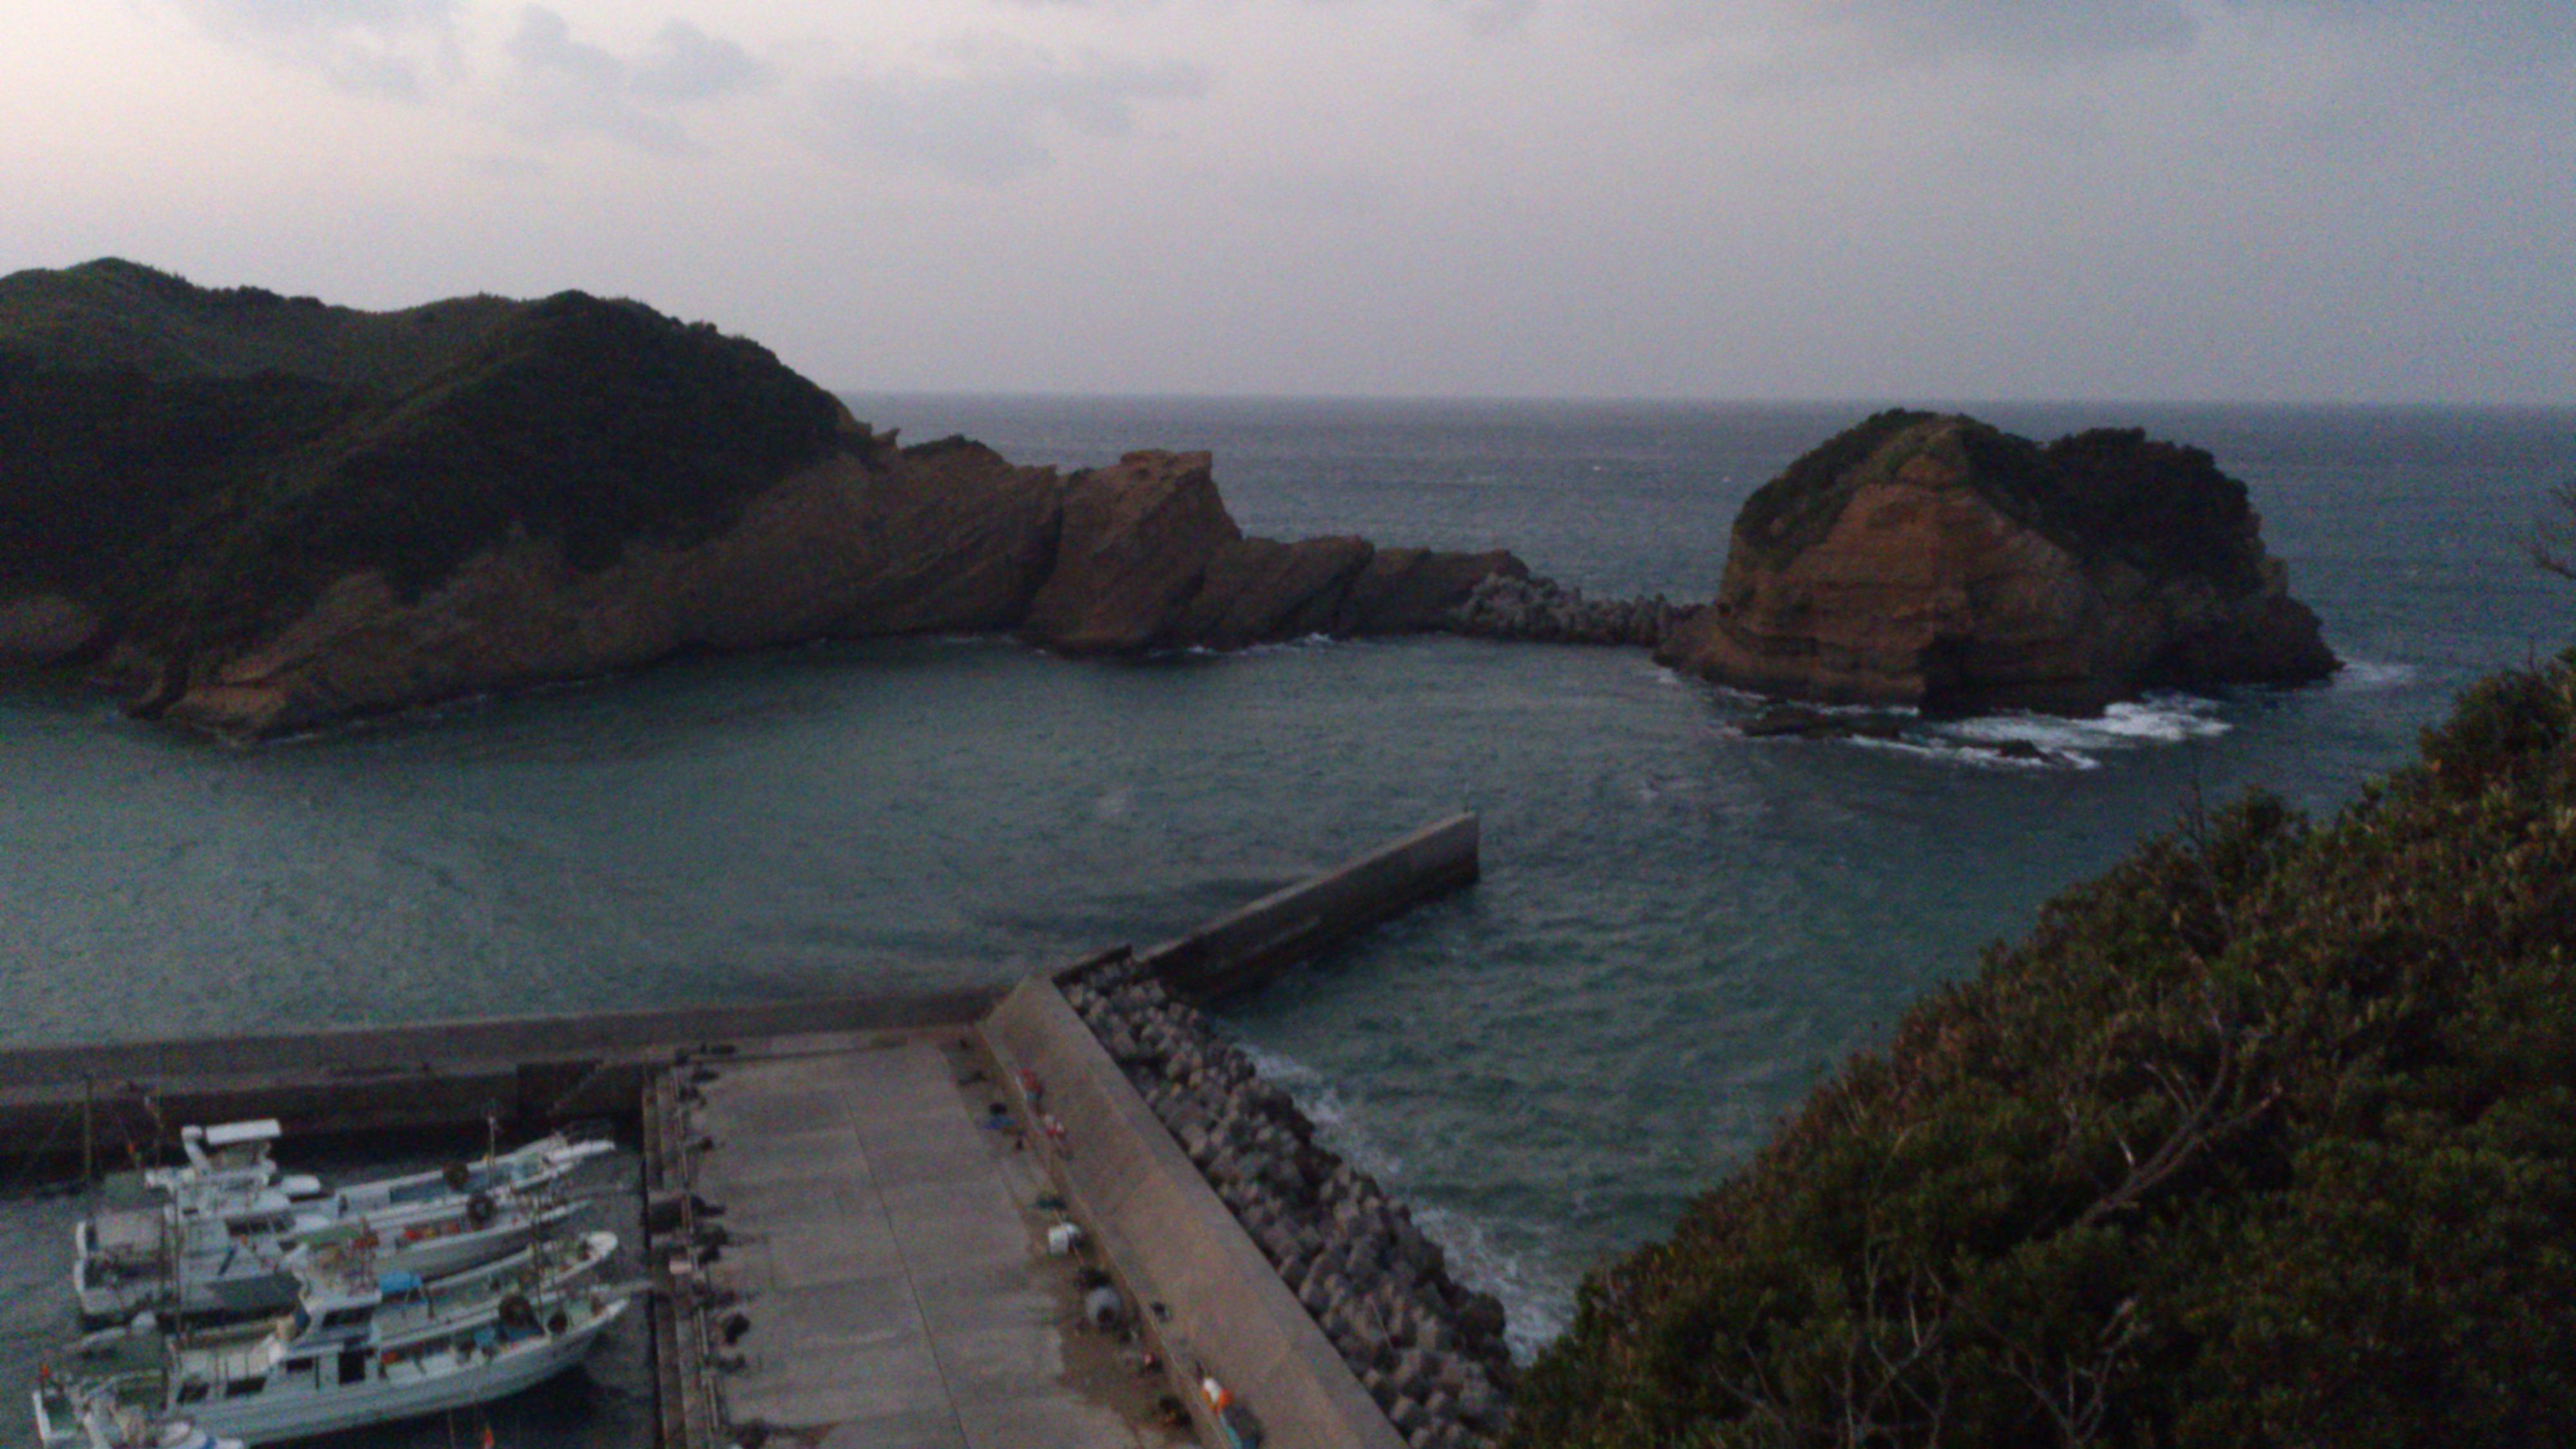 2012年12月。僕は種子島を一人で旅した:竹崎展望台で撮影(たぶん)